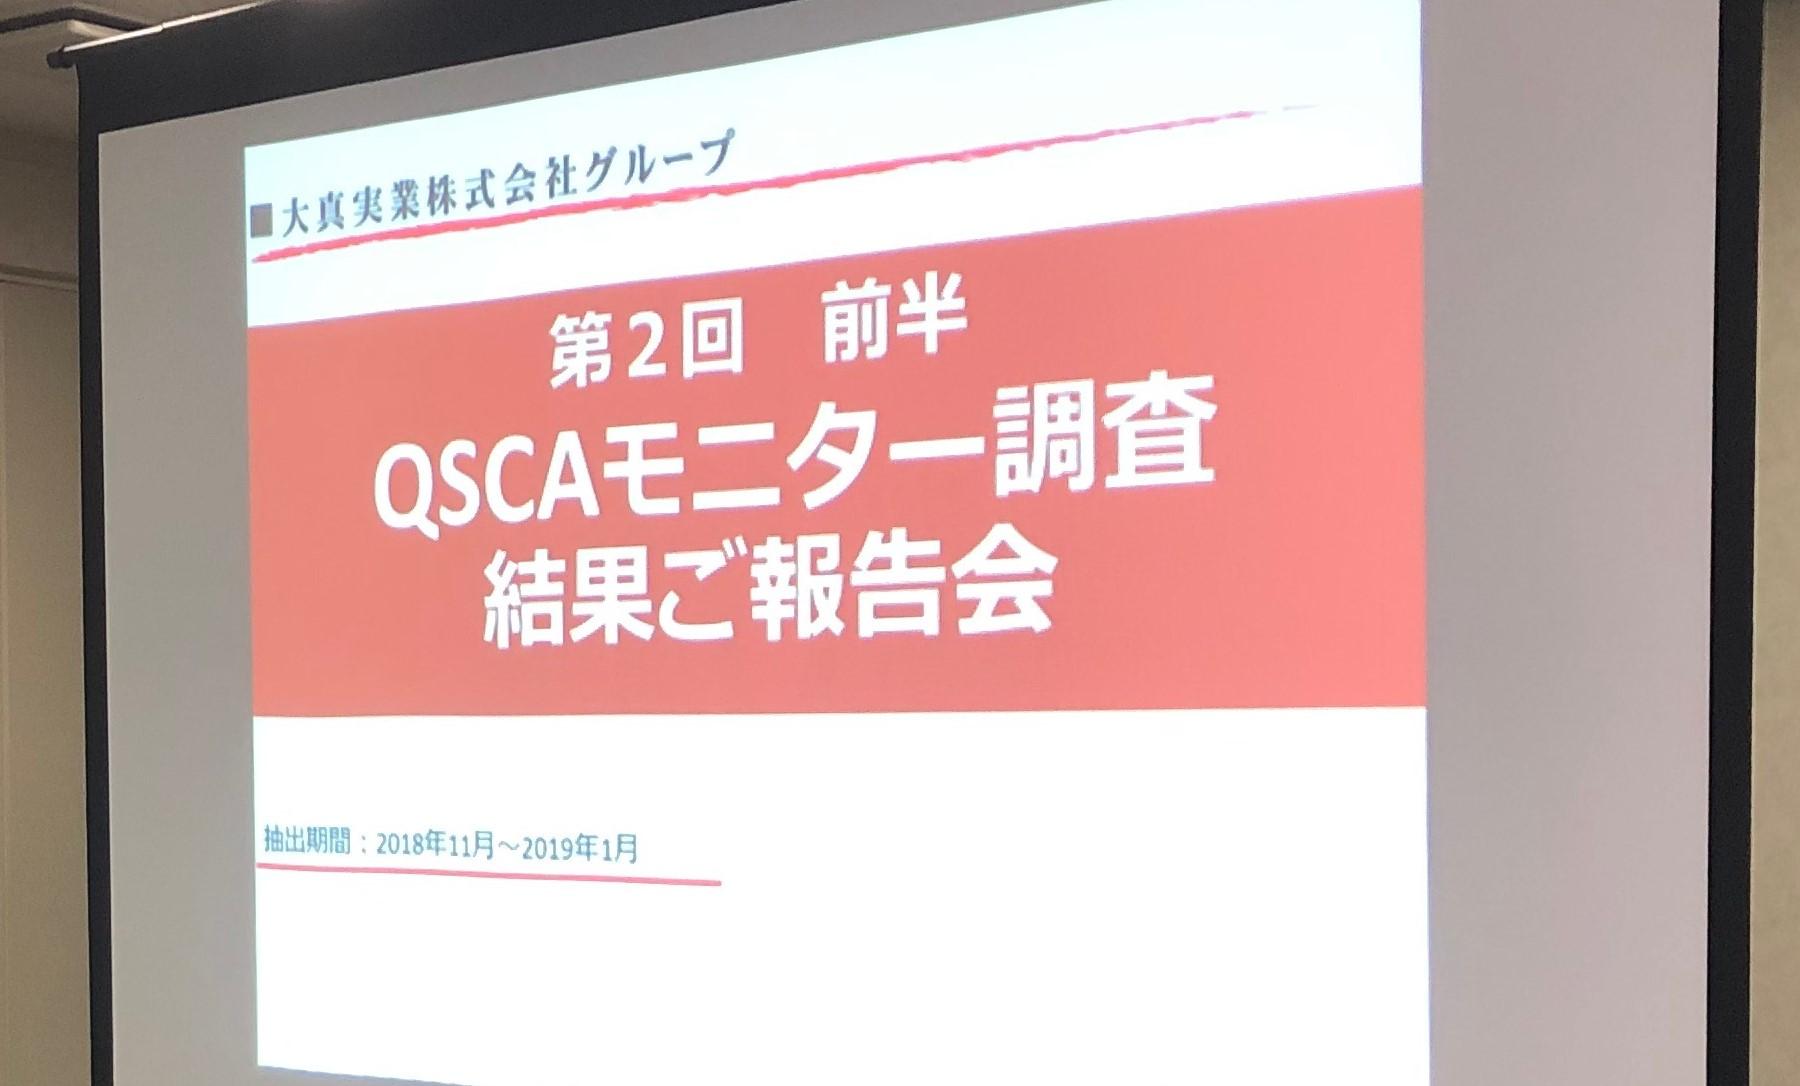 大真実業株式会社 QSCAモニター調査報告会